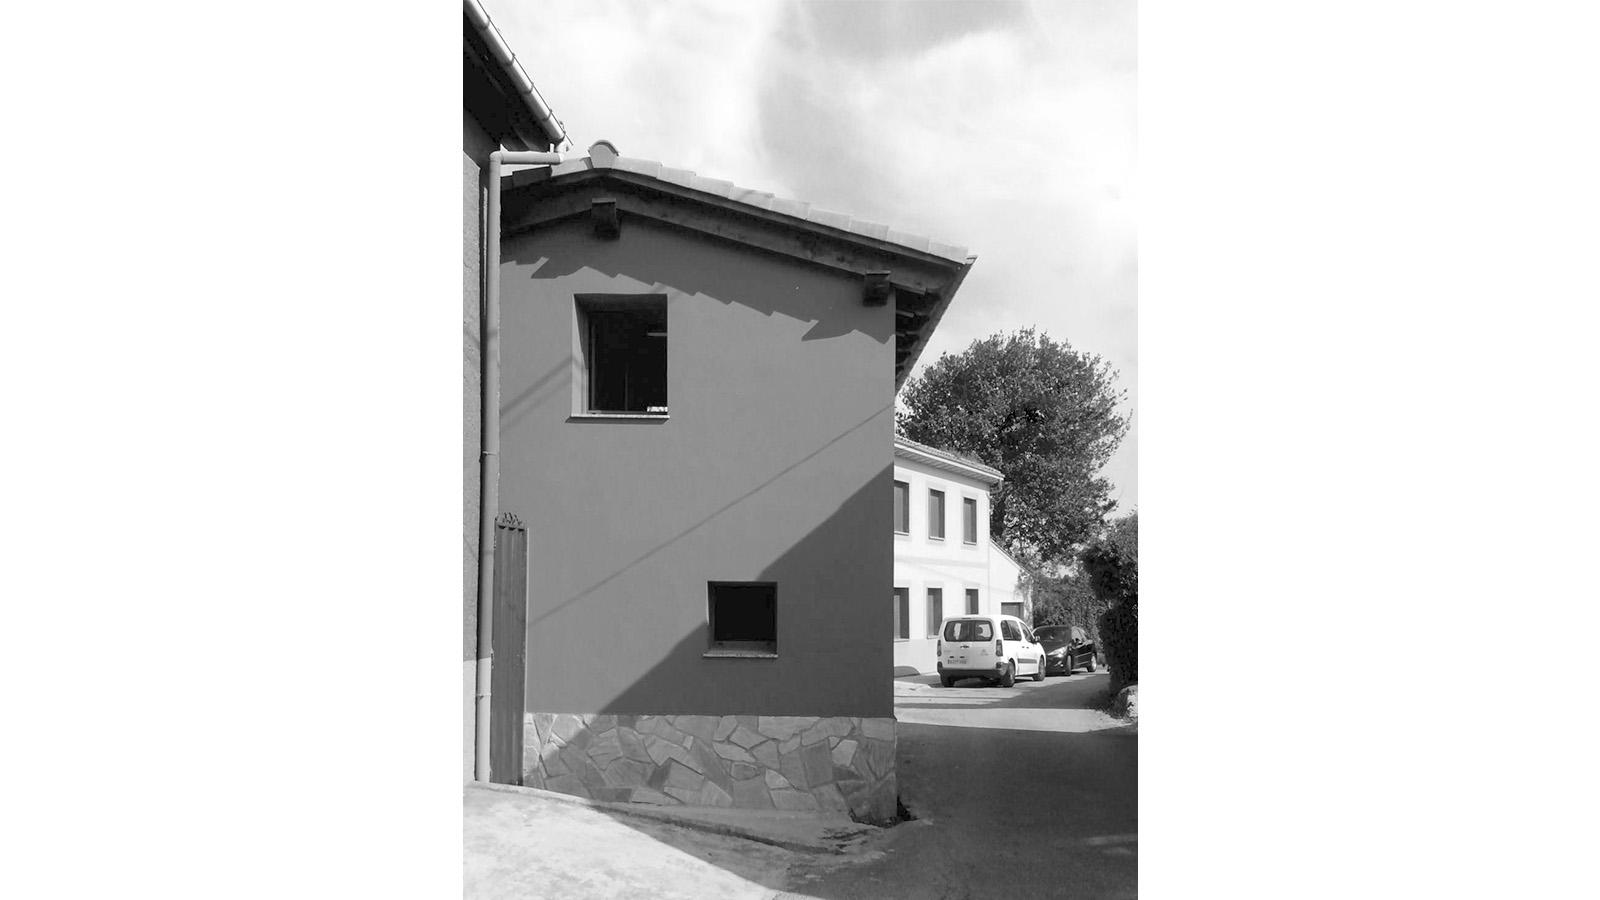 Vivienda Rural Langreo. Fotografía exterior